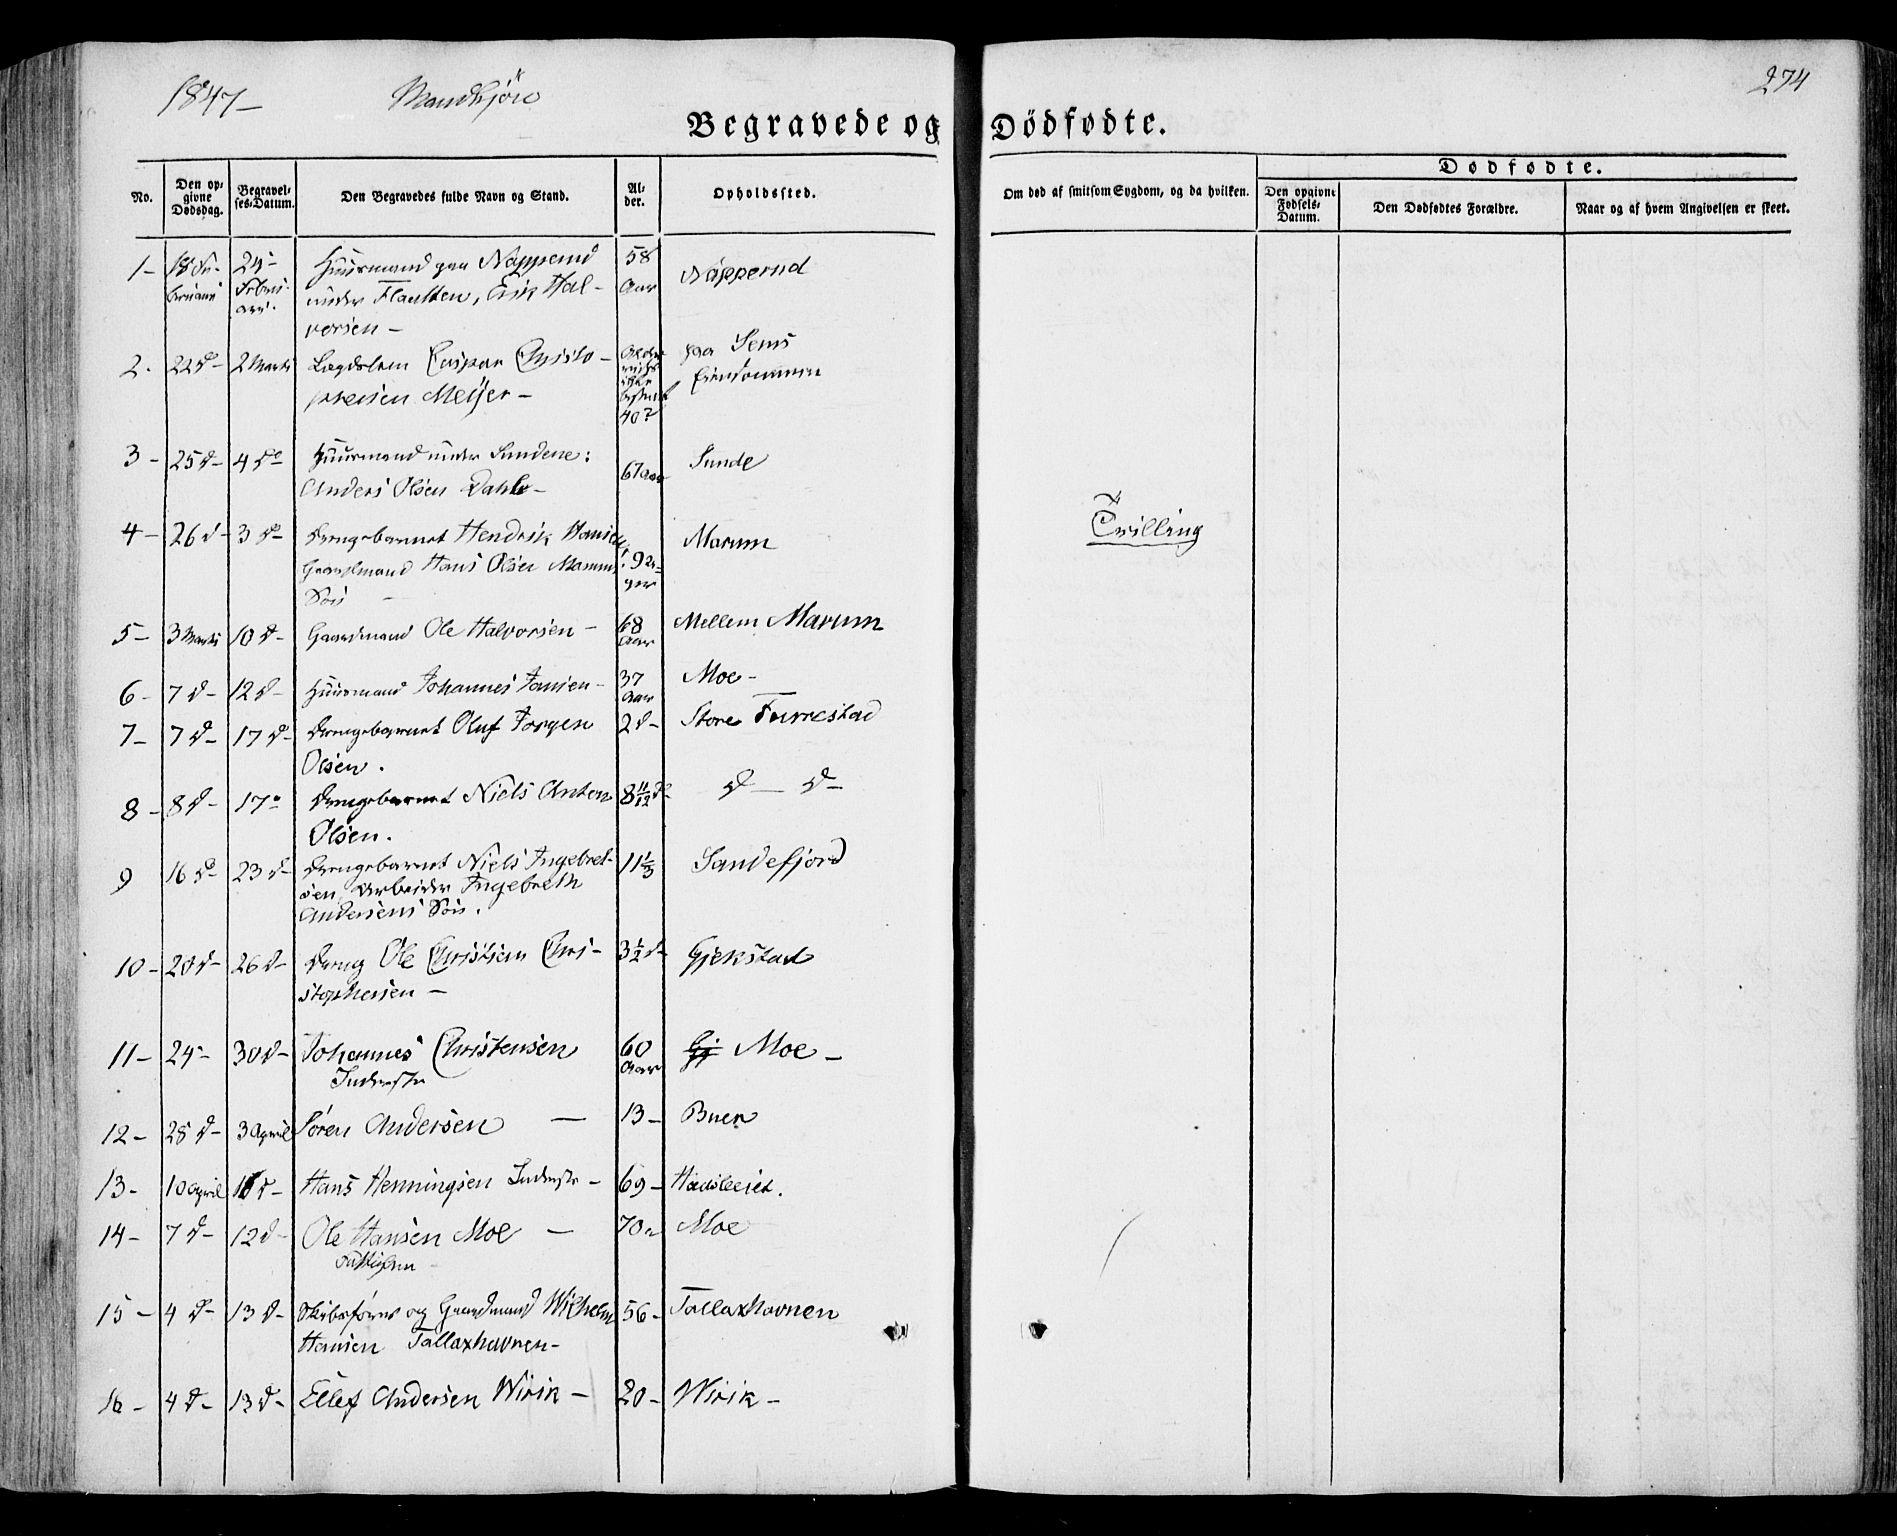 SAKO, Sandar kirkebøker, F/Fa/L0006: Ministerialbok nr. 6, 1847-1860, s. 274